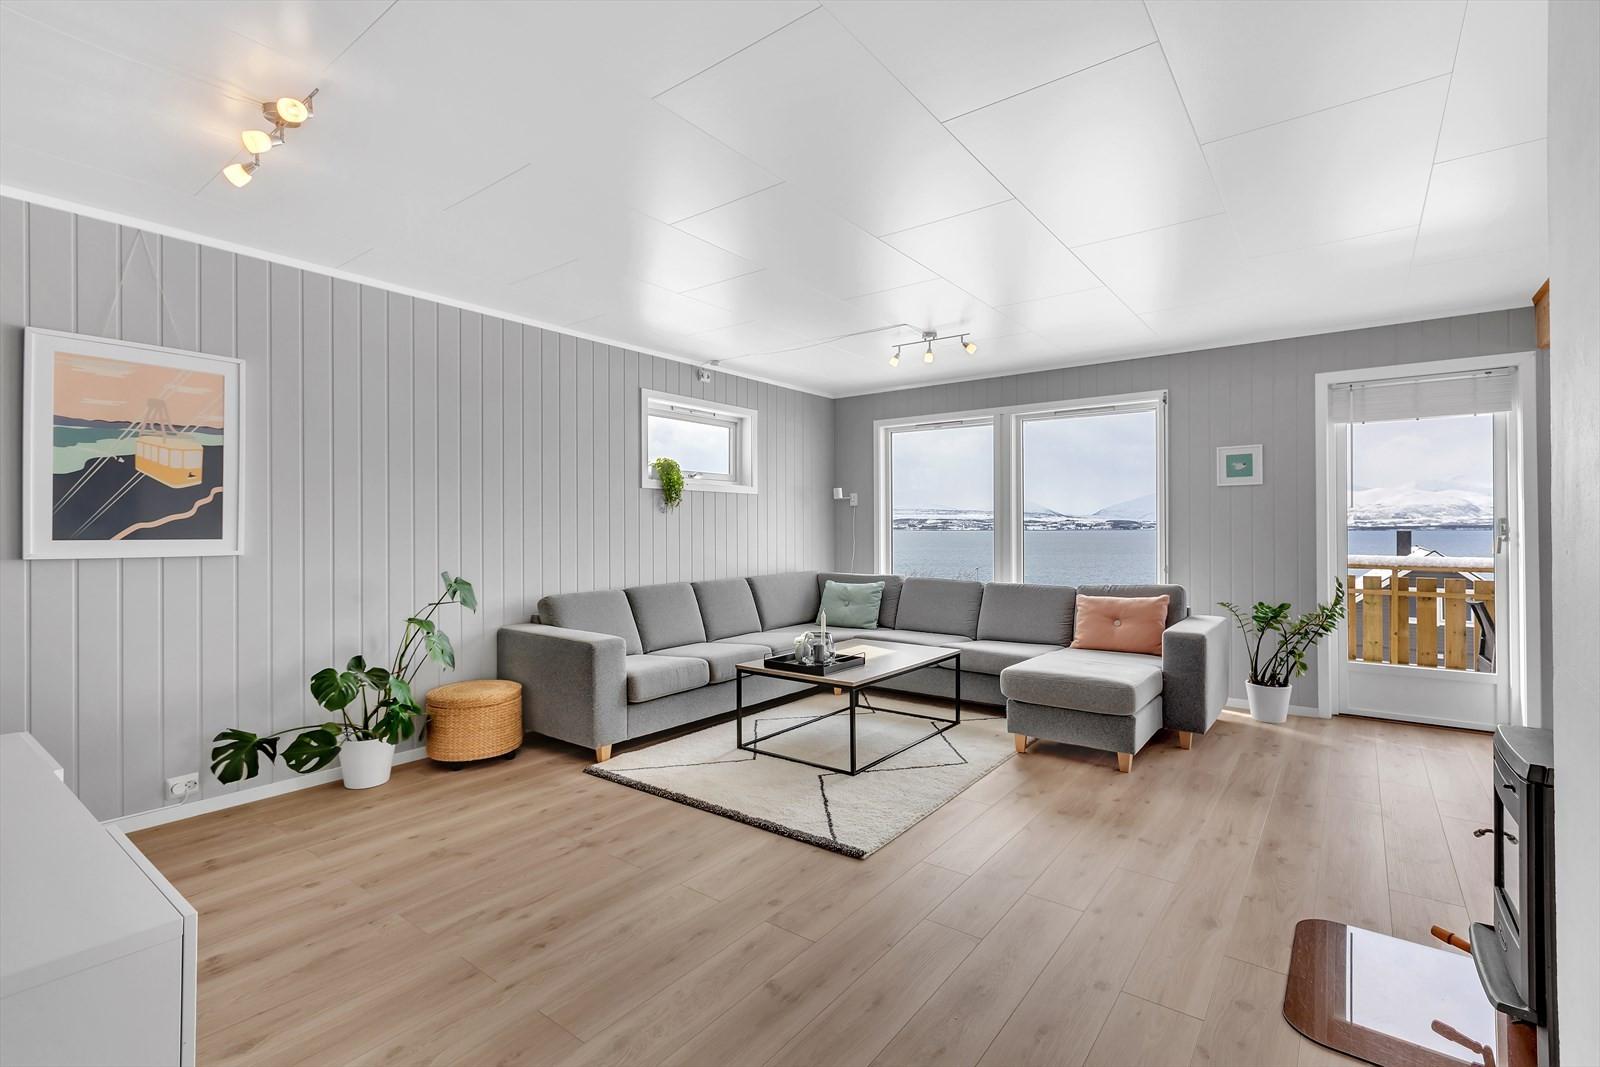 Lys og trivelig stue med tidsriktige fargevalg, en stavs gulv og nydelig utsikt.